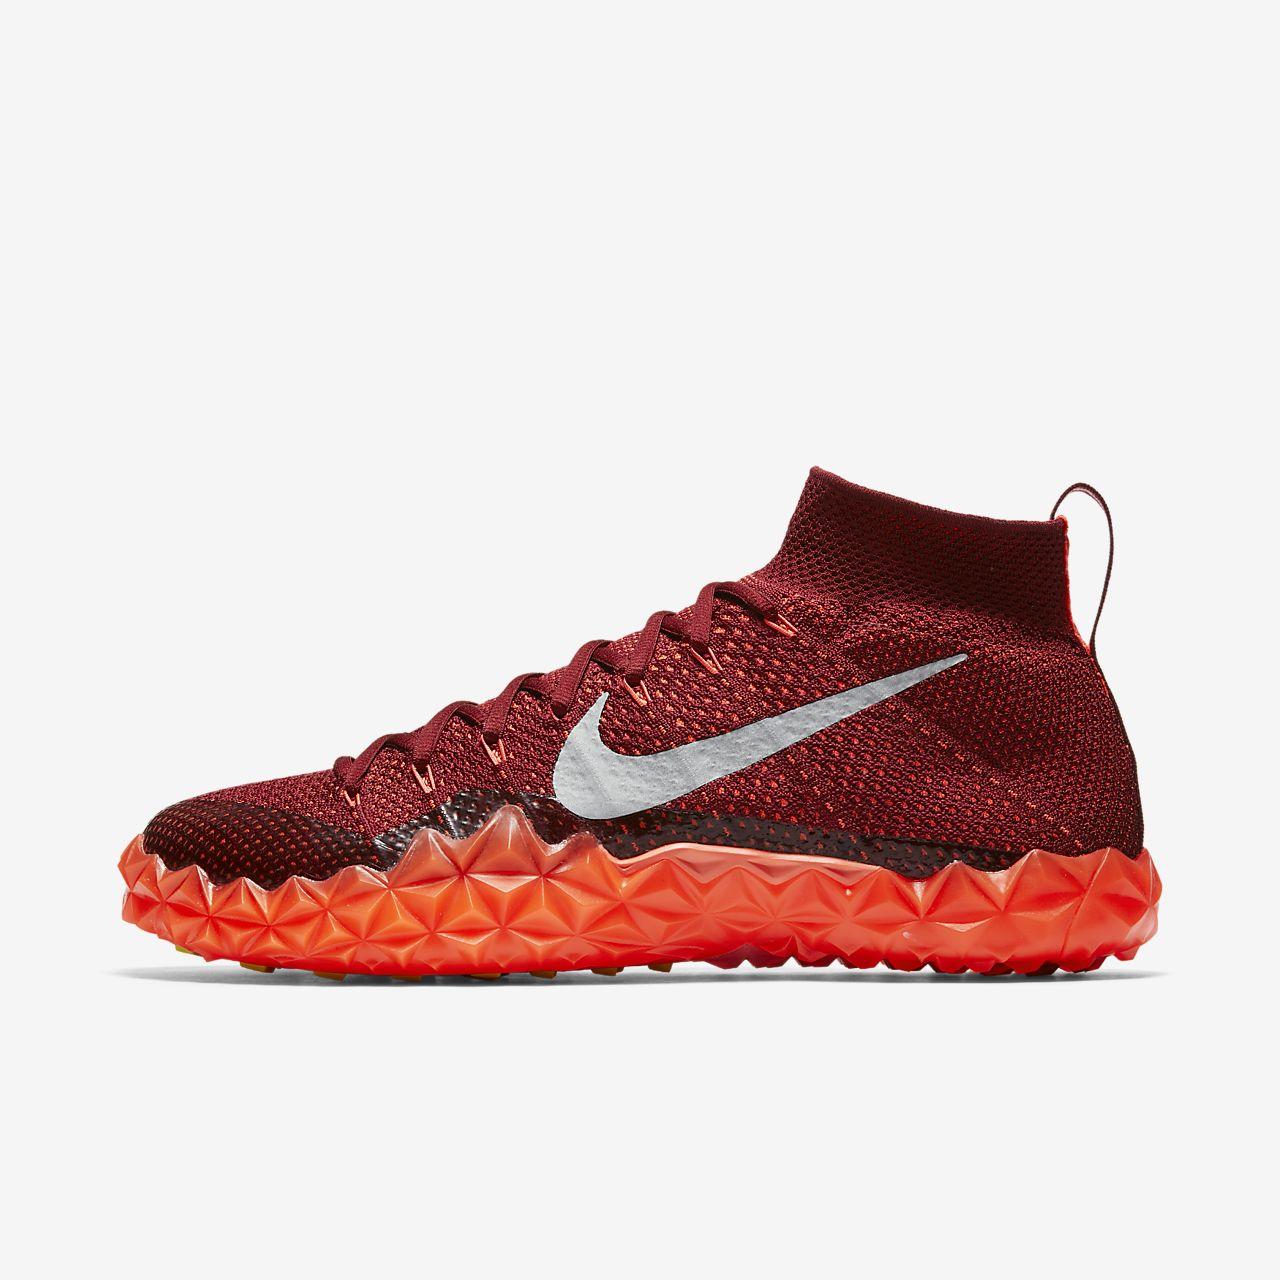 ... Nike Alpha Sensory Turf Men's Football Shoe